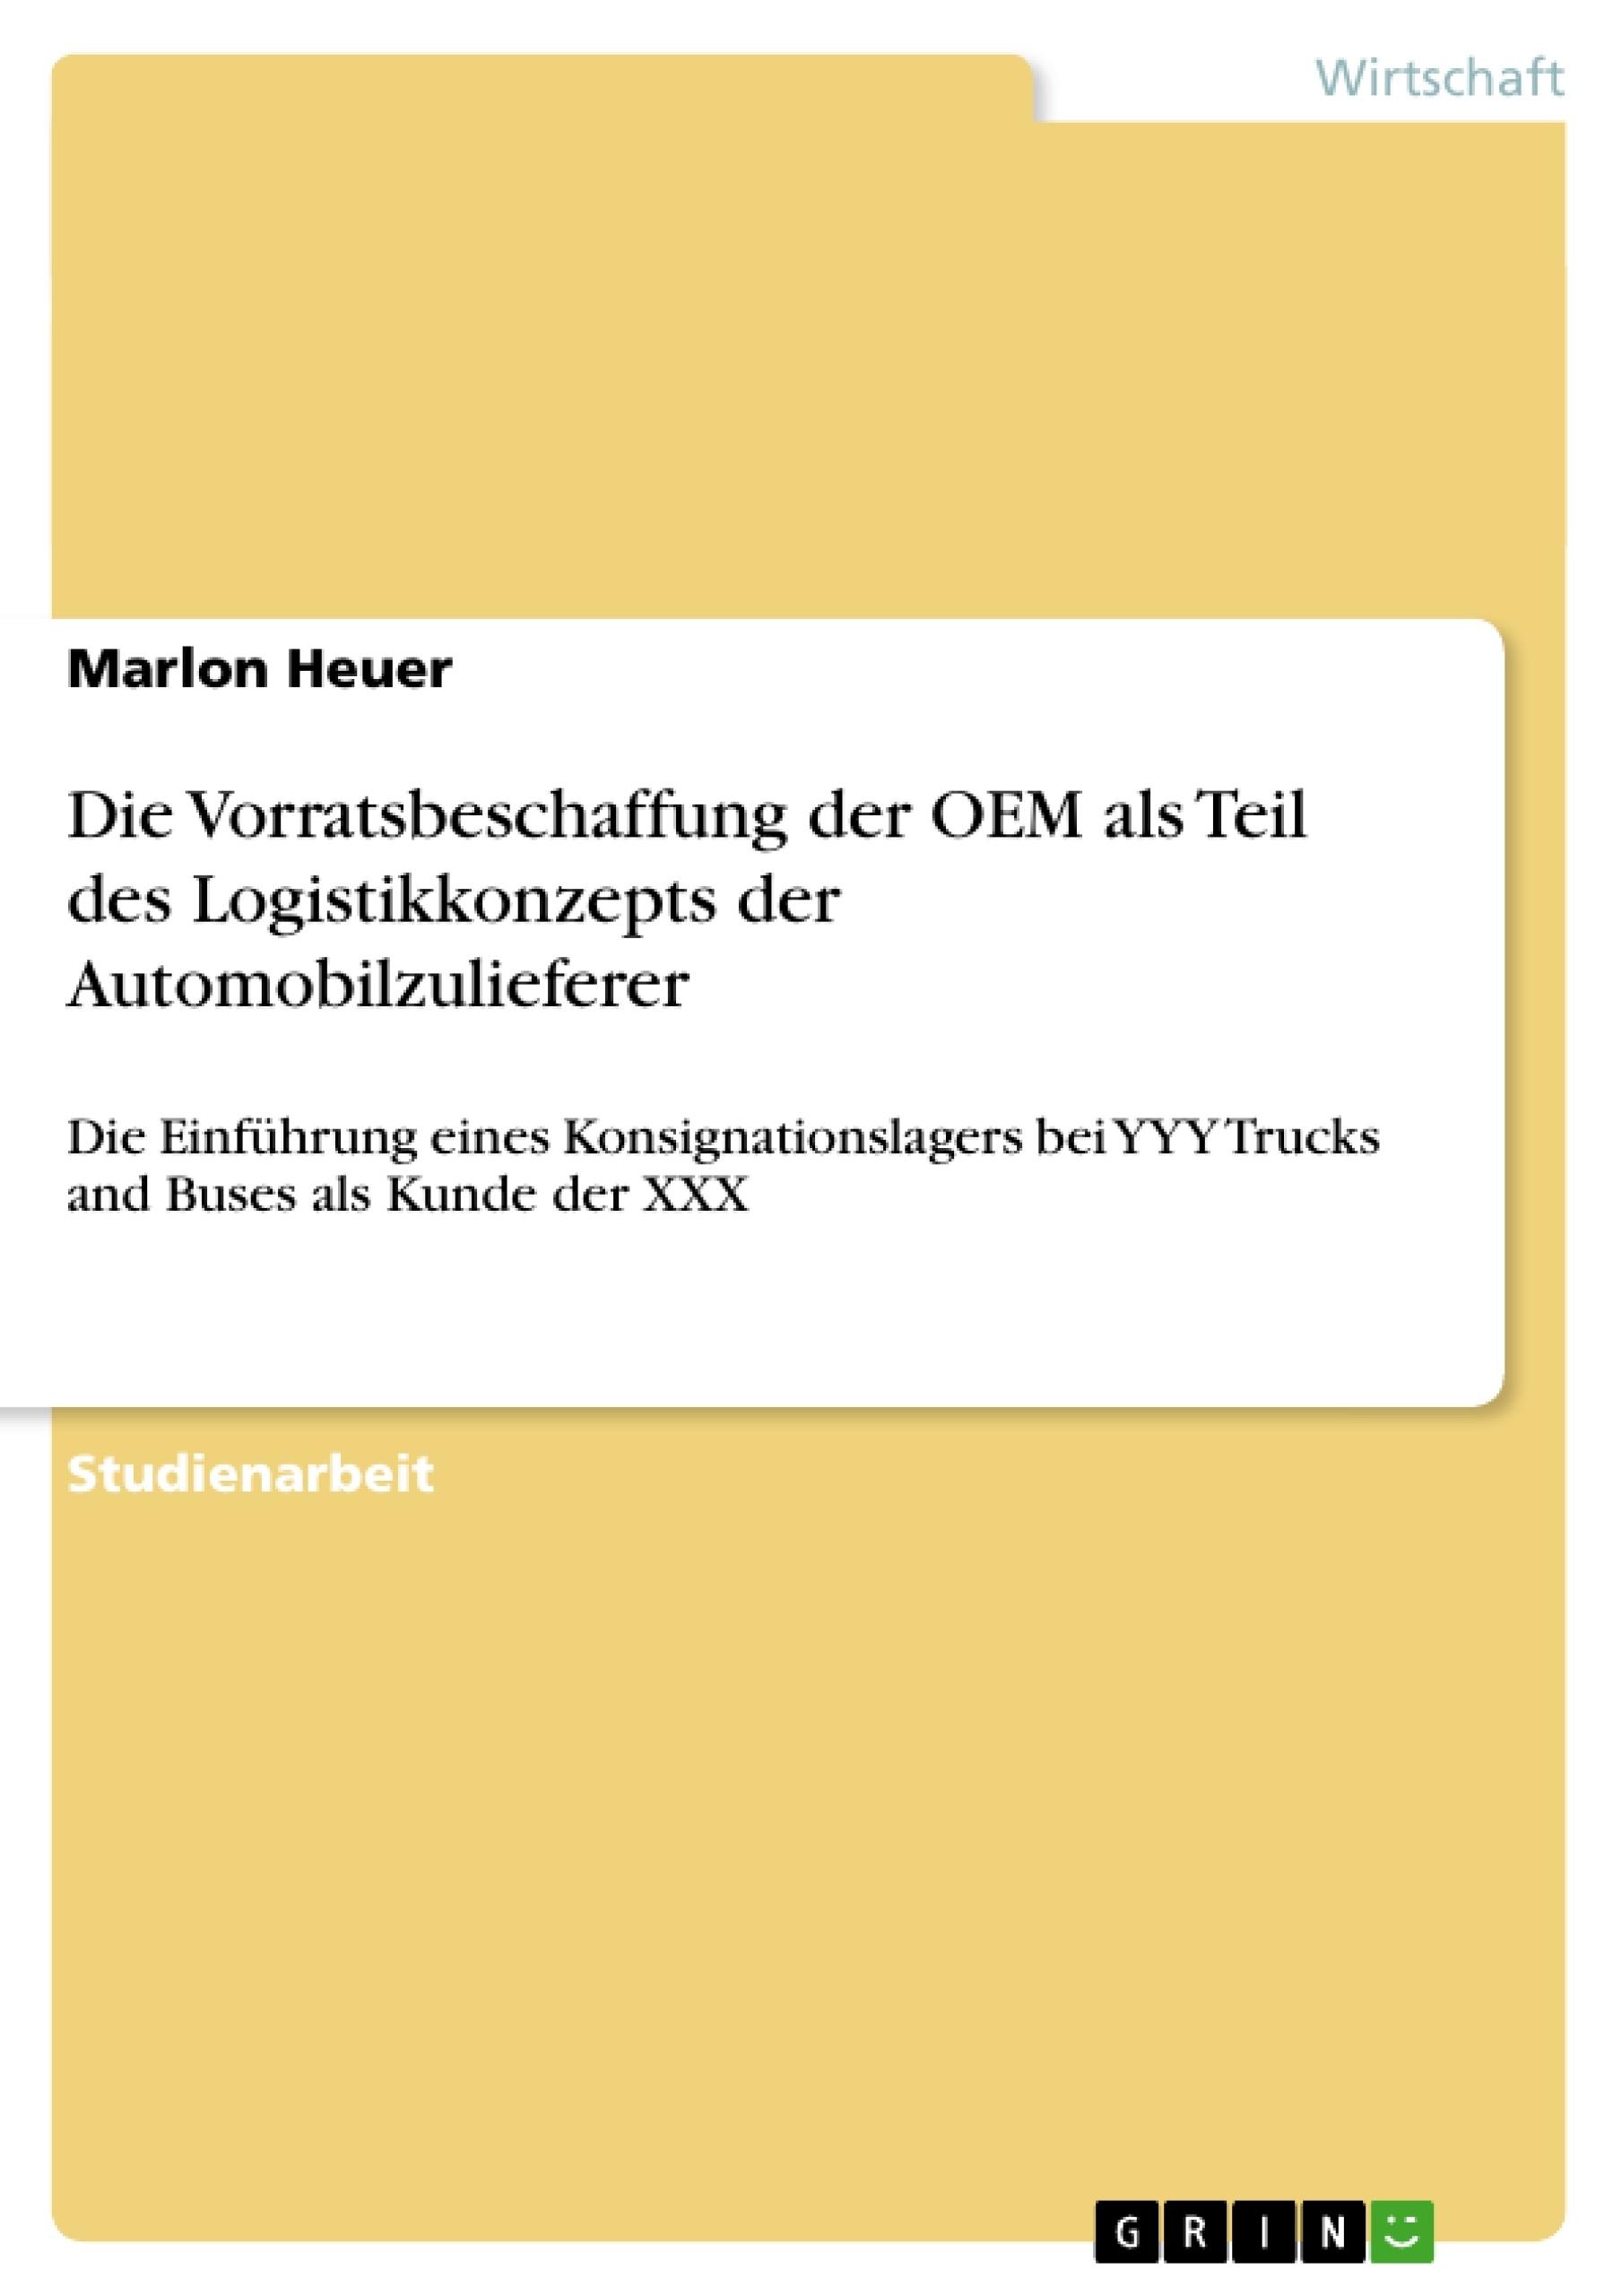 Titel: Die Vorratsbeschaffung der OEM als Teil des Logistikkonzepts der Automobilzulieferer